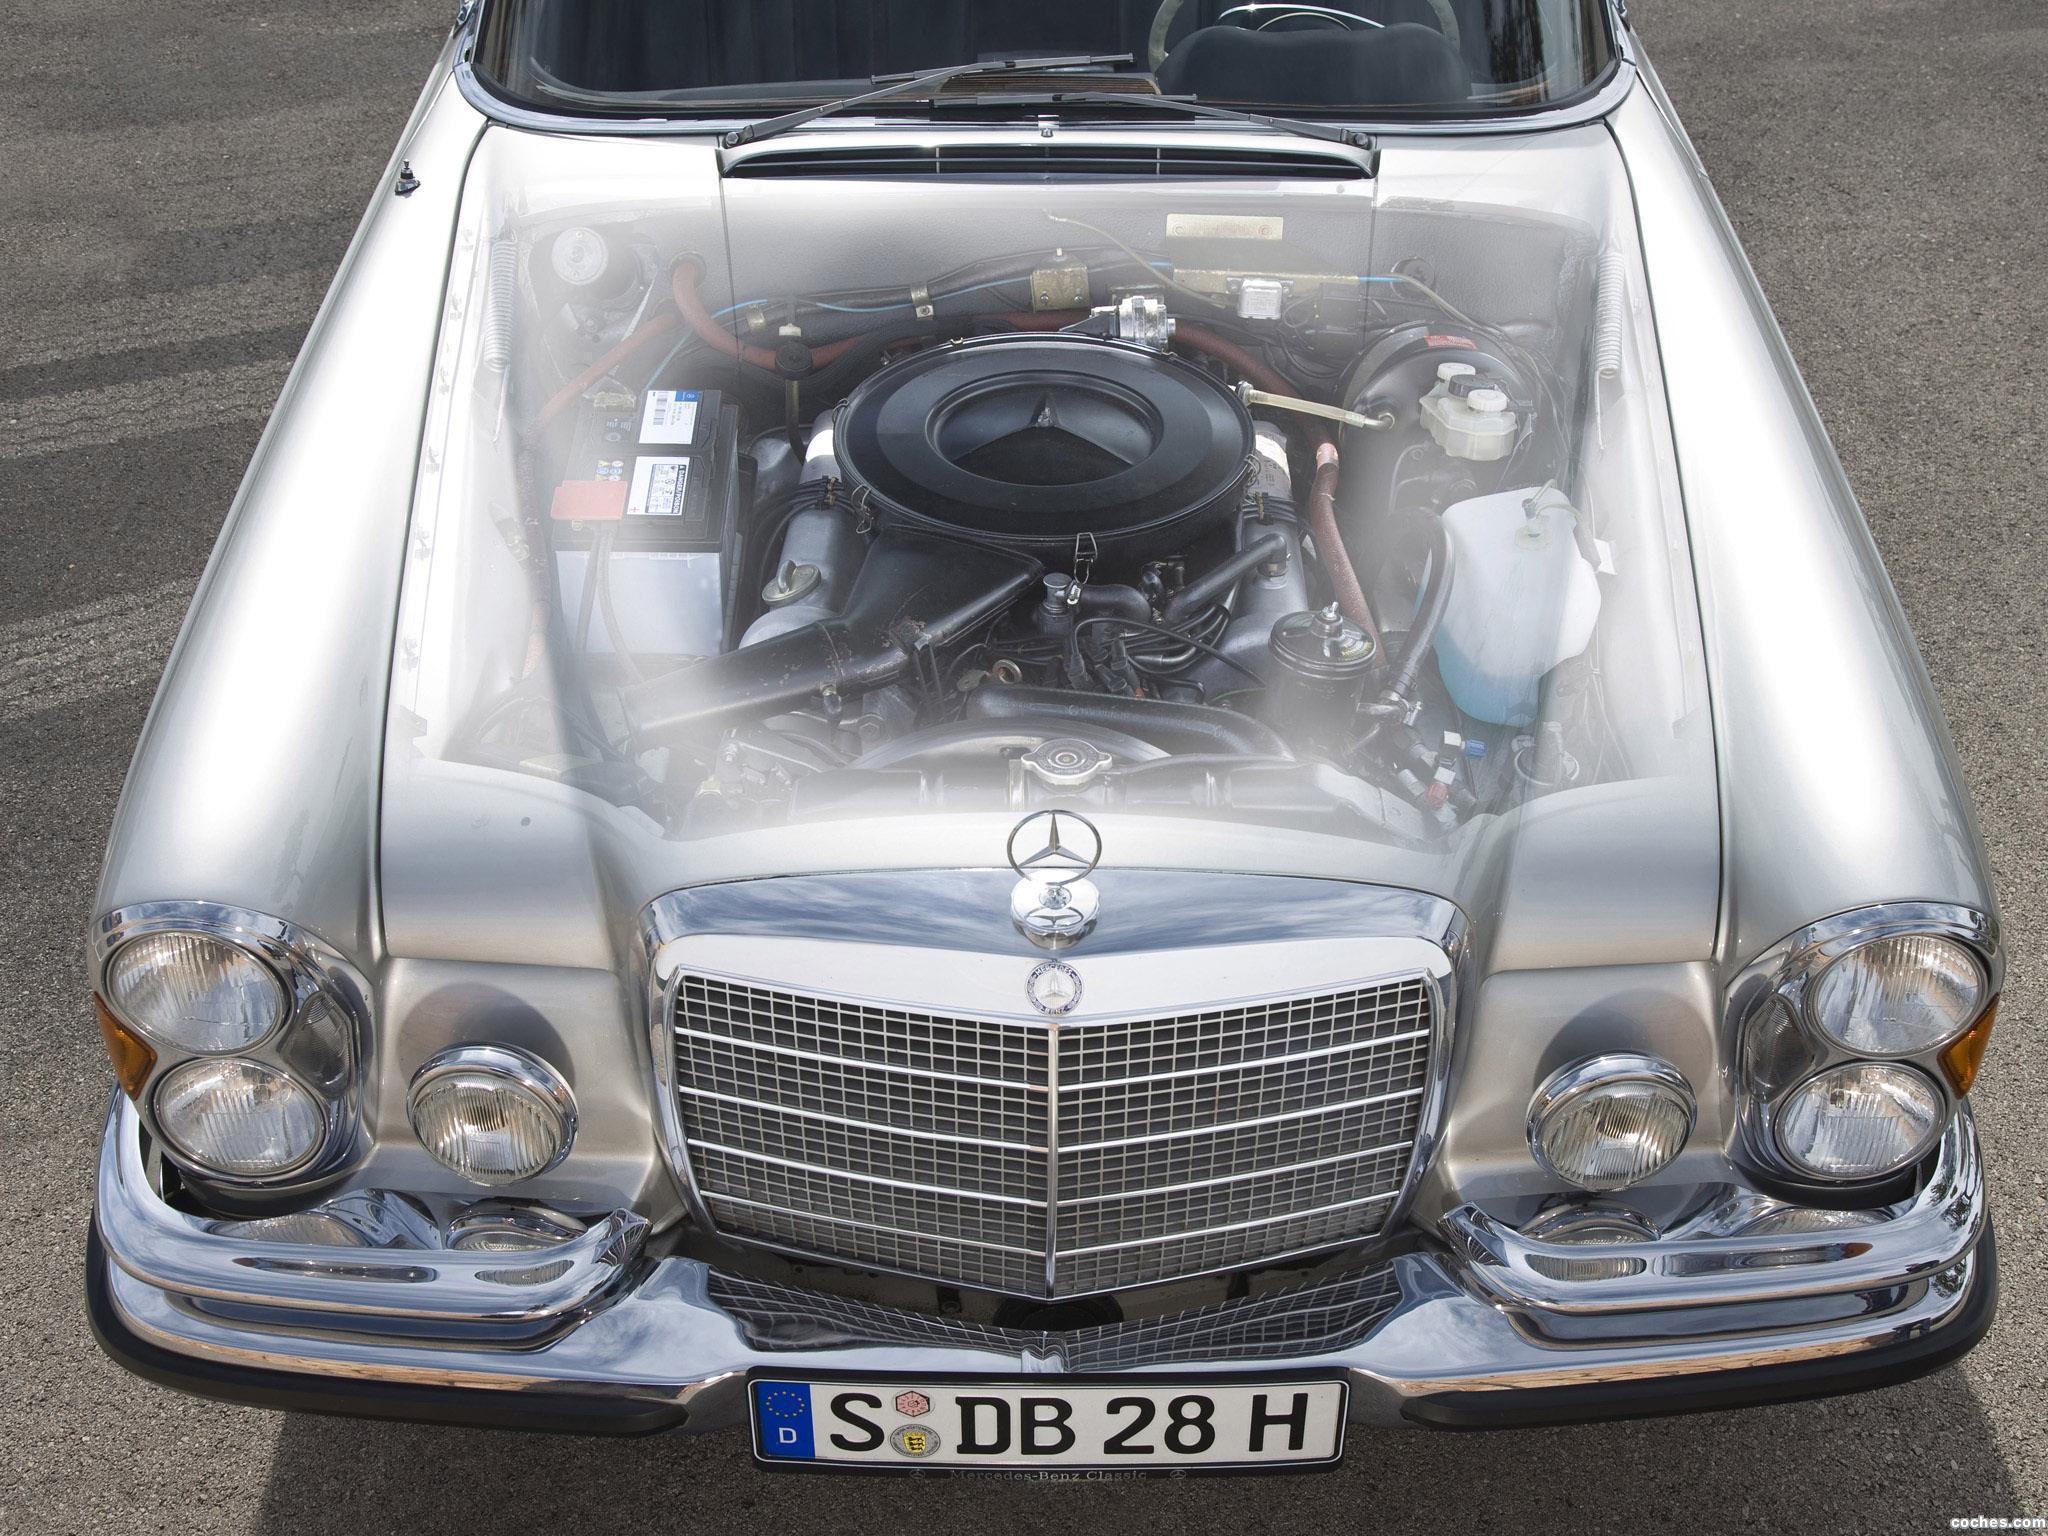 Foto 6 de Mercedes Clase S 280SE Cabriolet W111 W112 1968